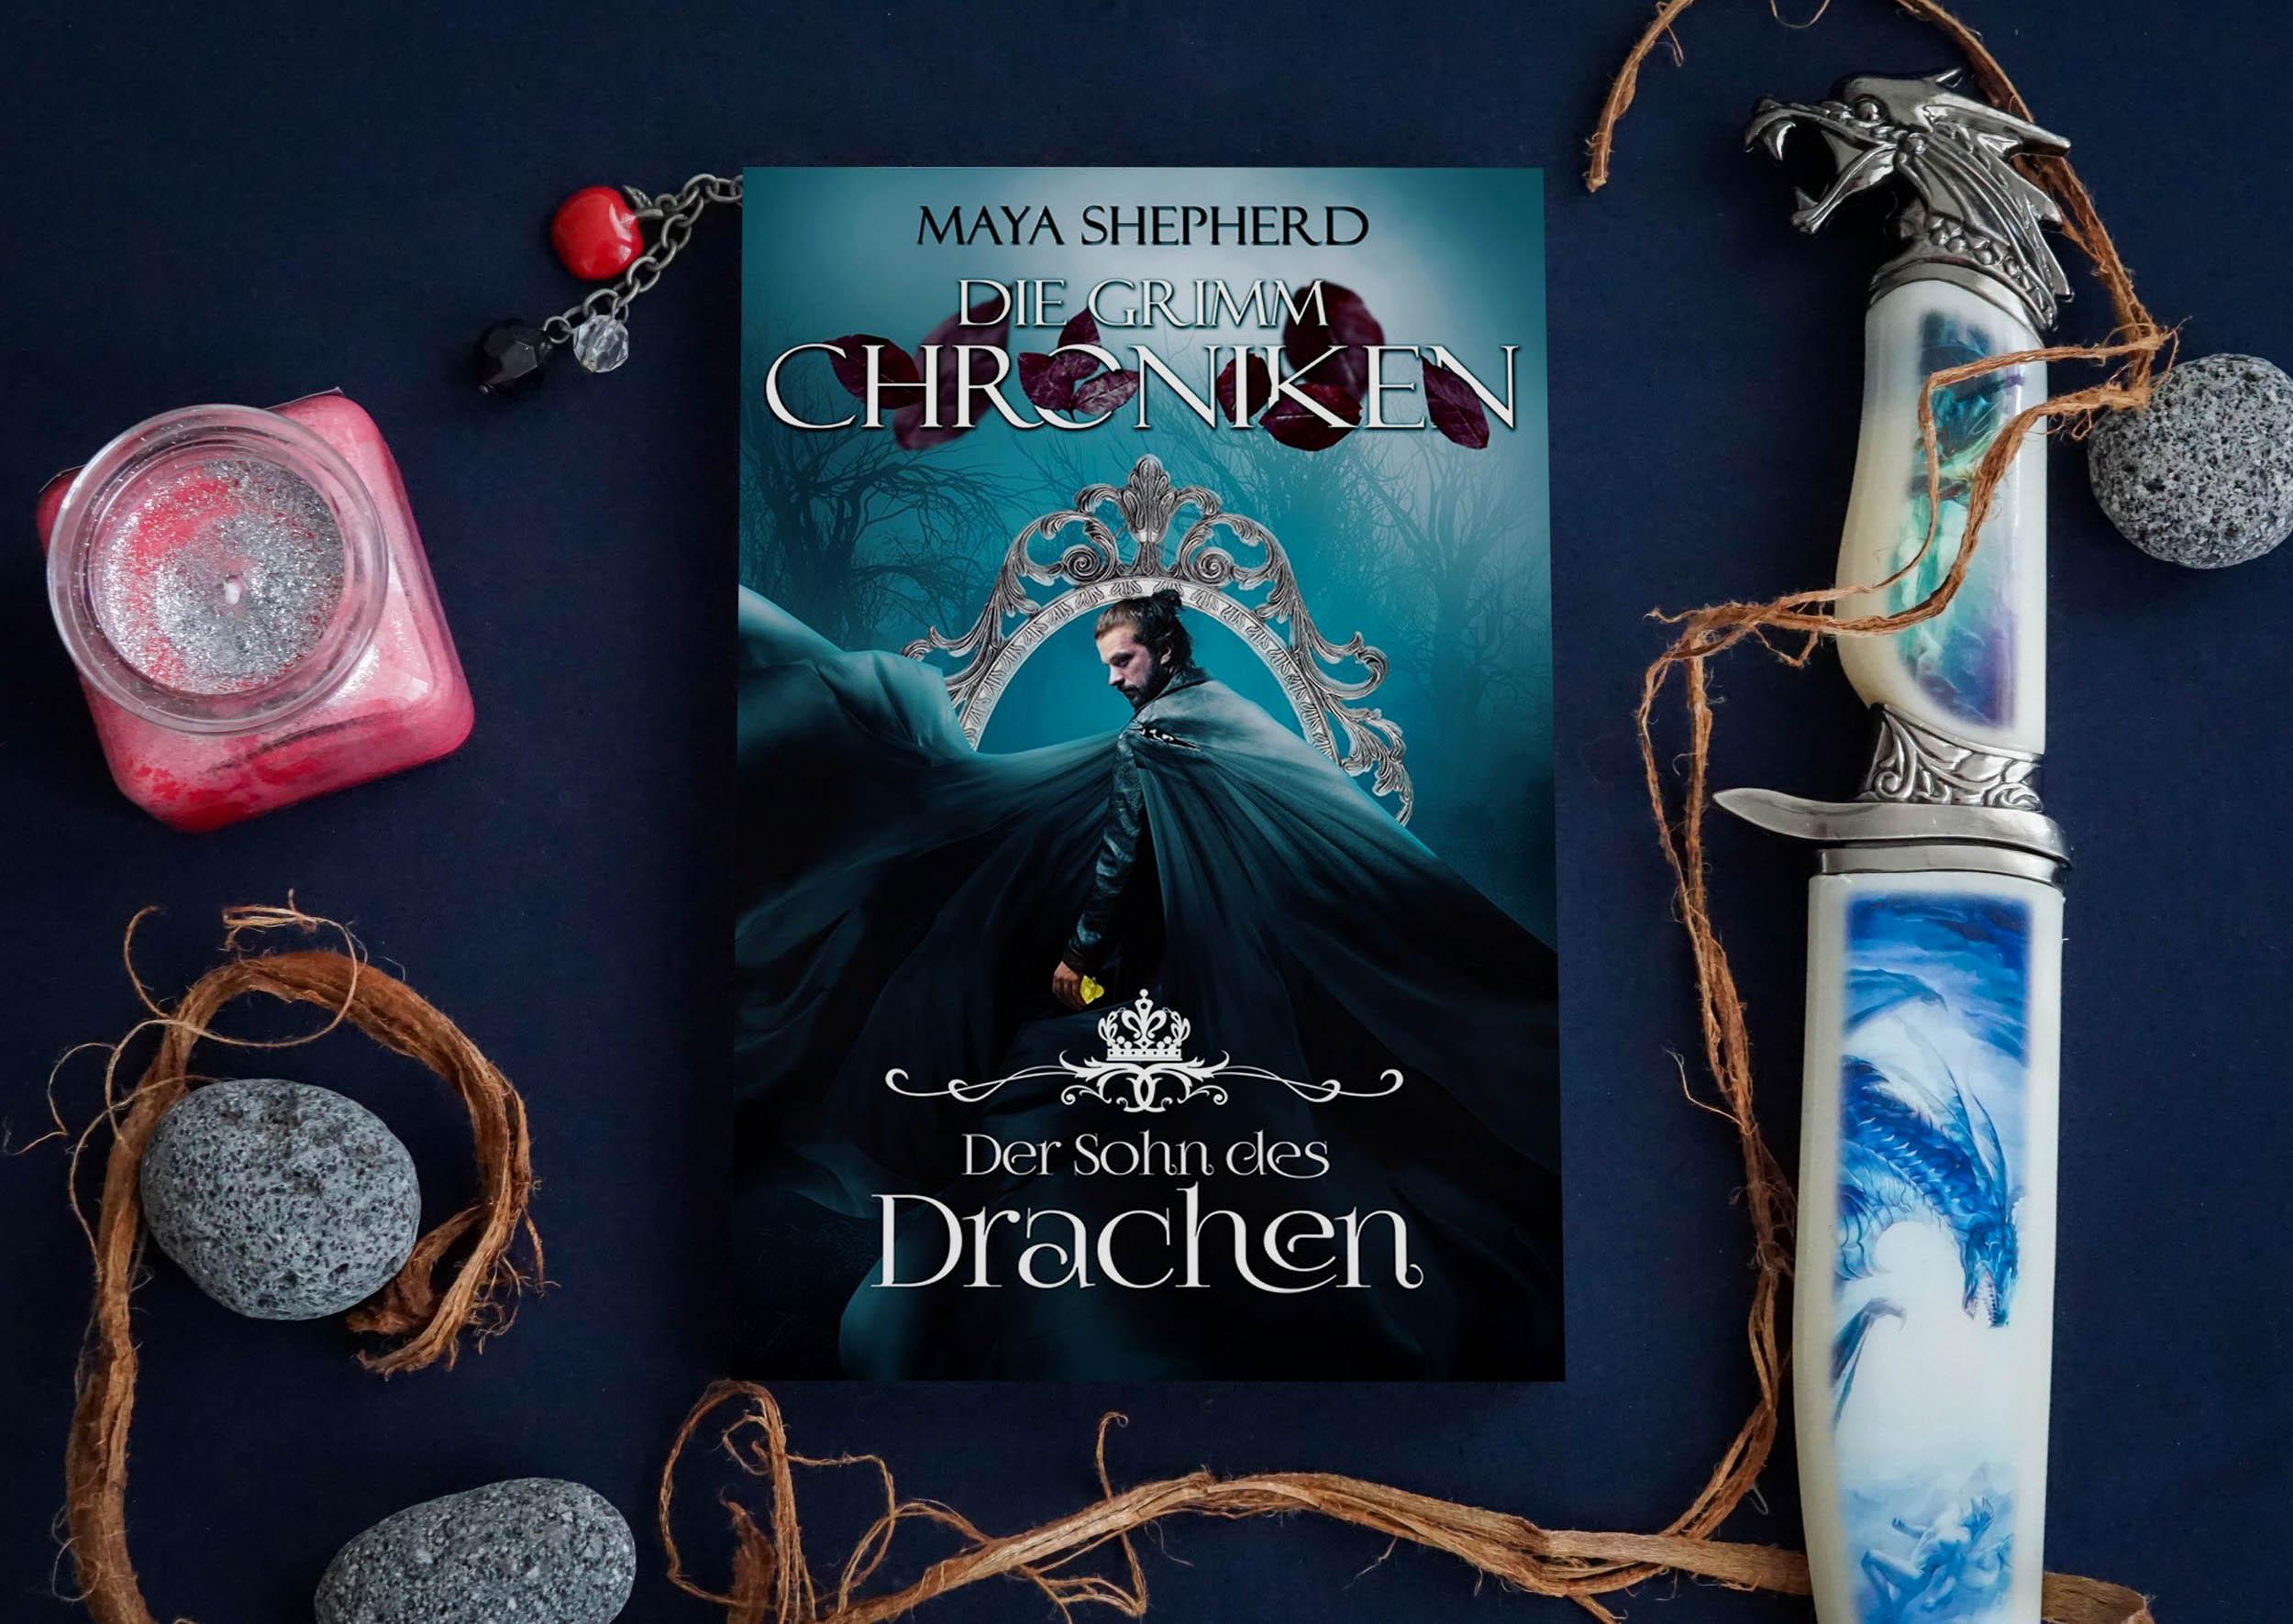 Die Grimm-Chroniken: Der Sohn des Drachen – Maya Shepherd graphic